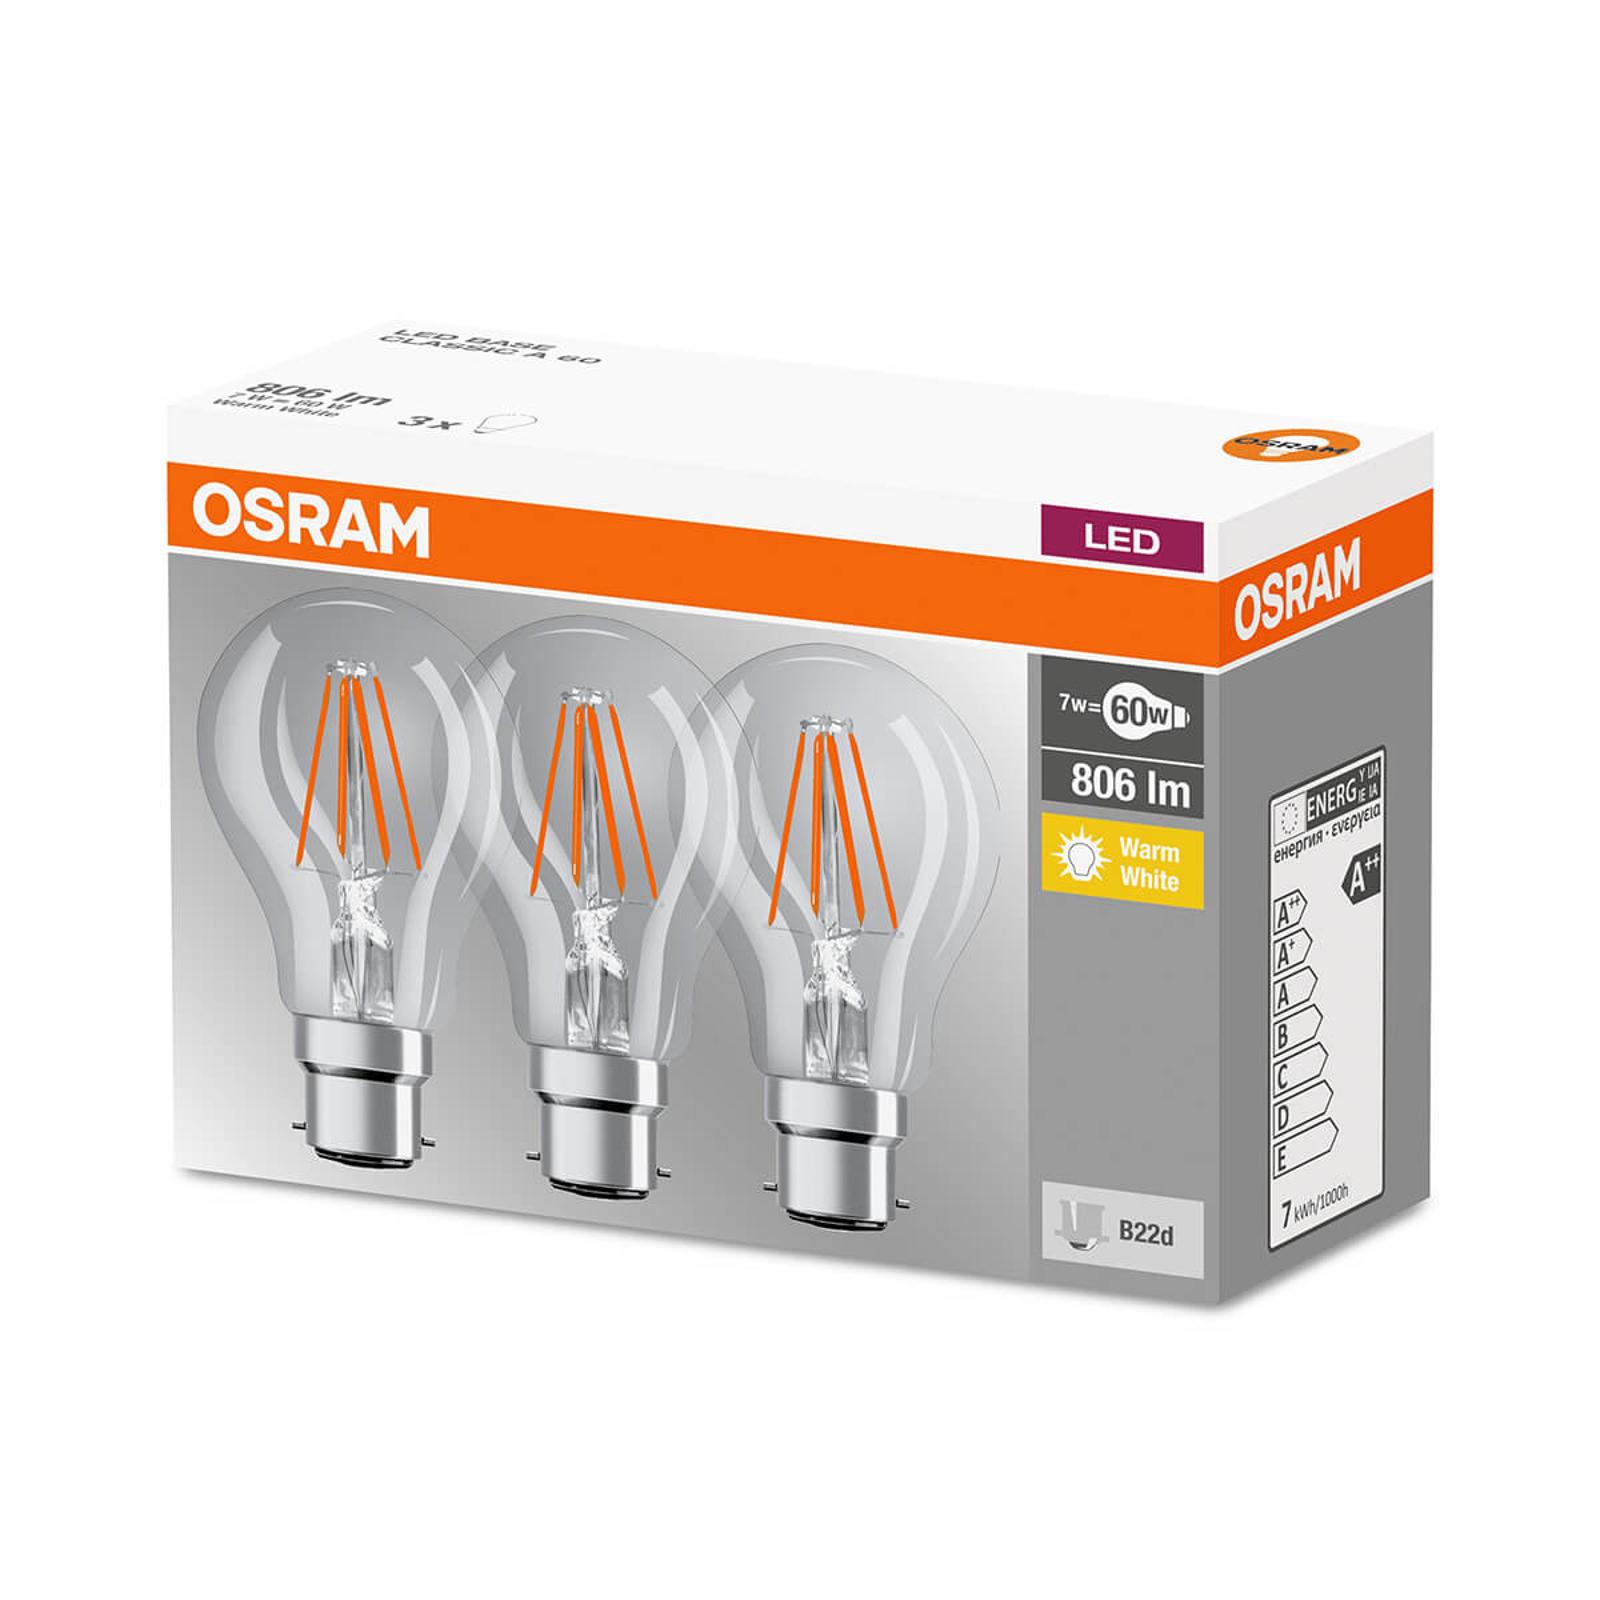 LED-hehkulankalamppu B22d 7 W, lämmin valk., 3 kpl